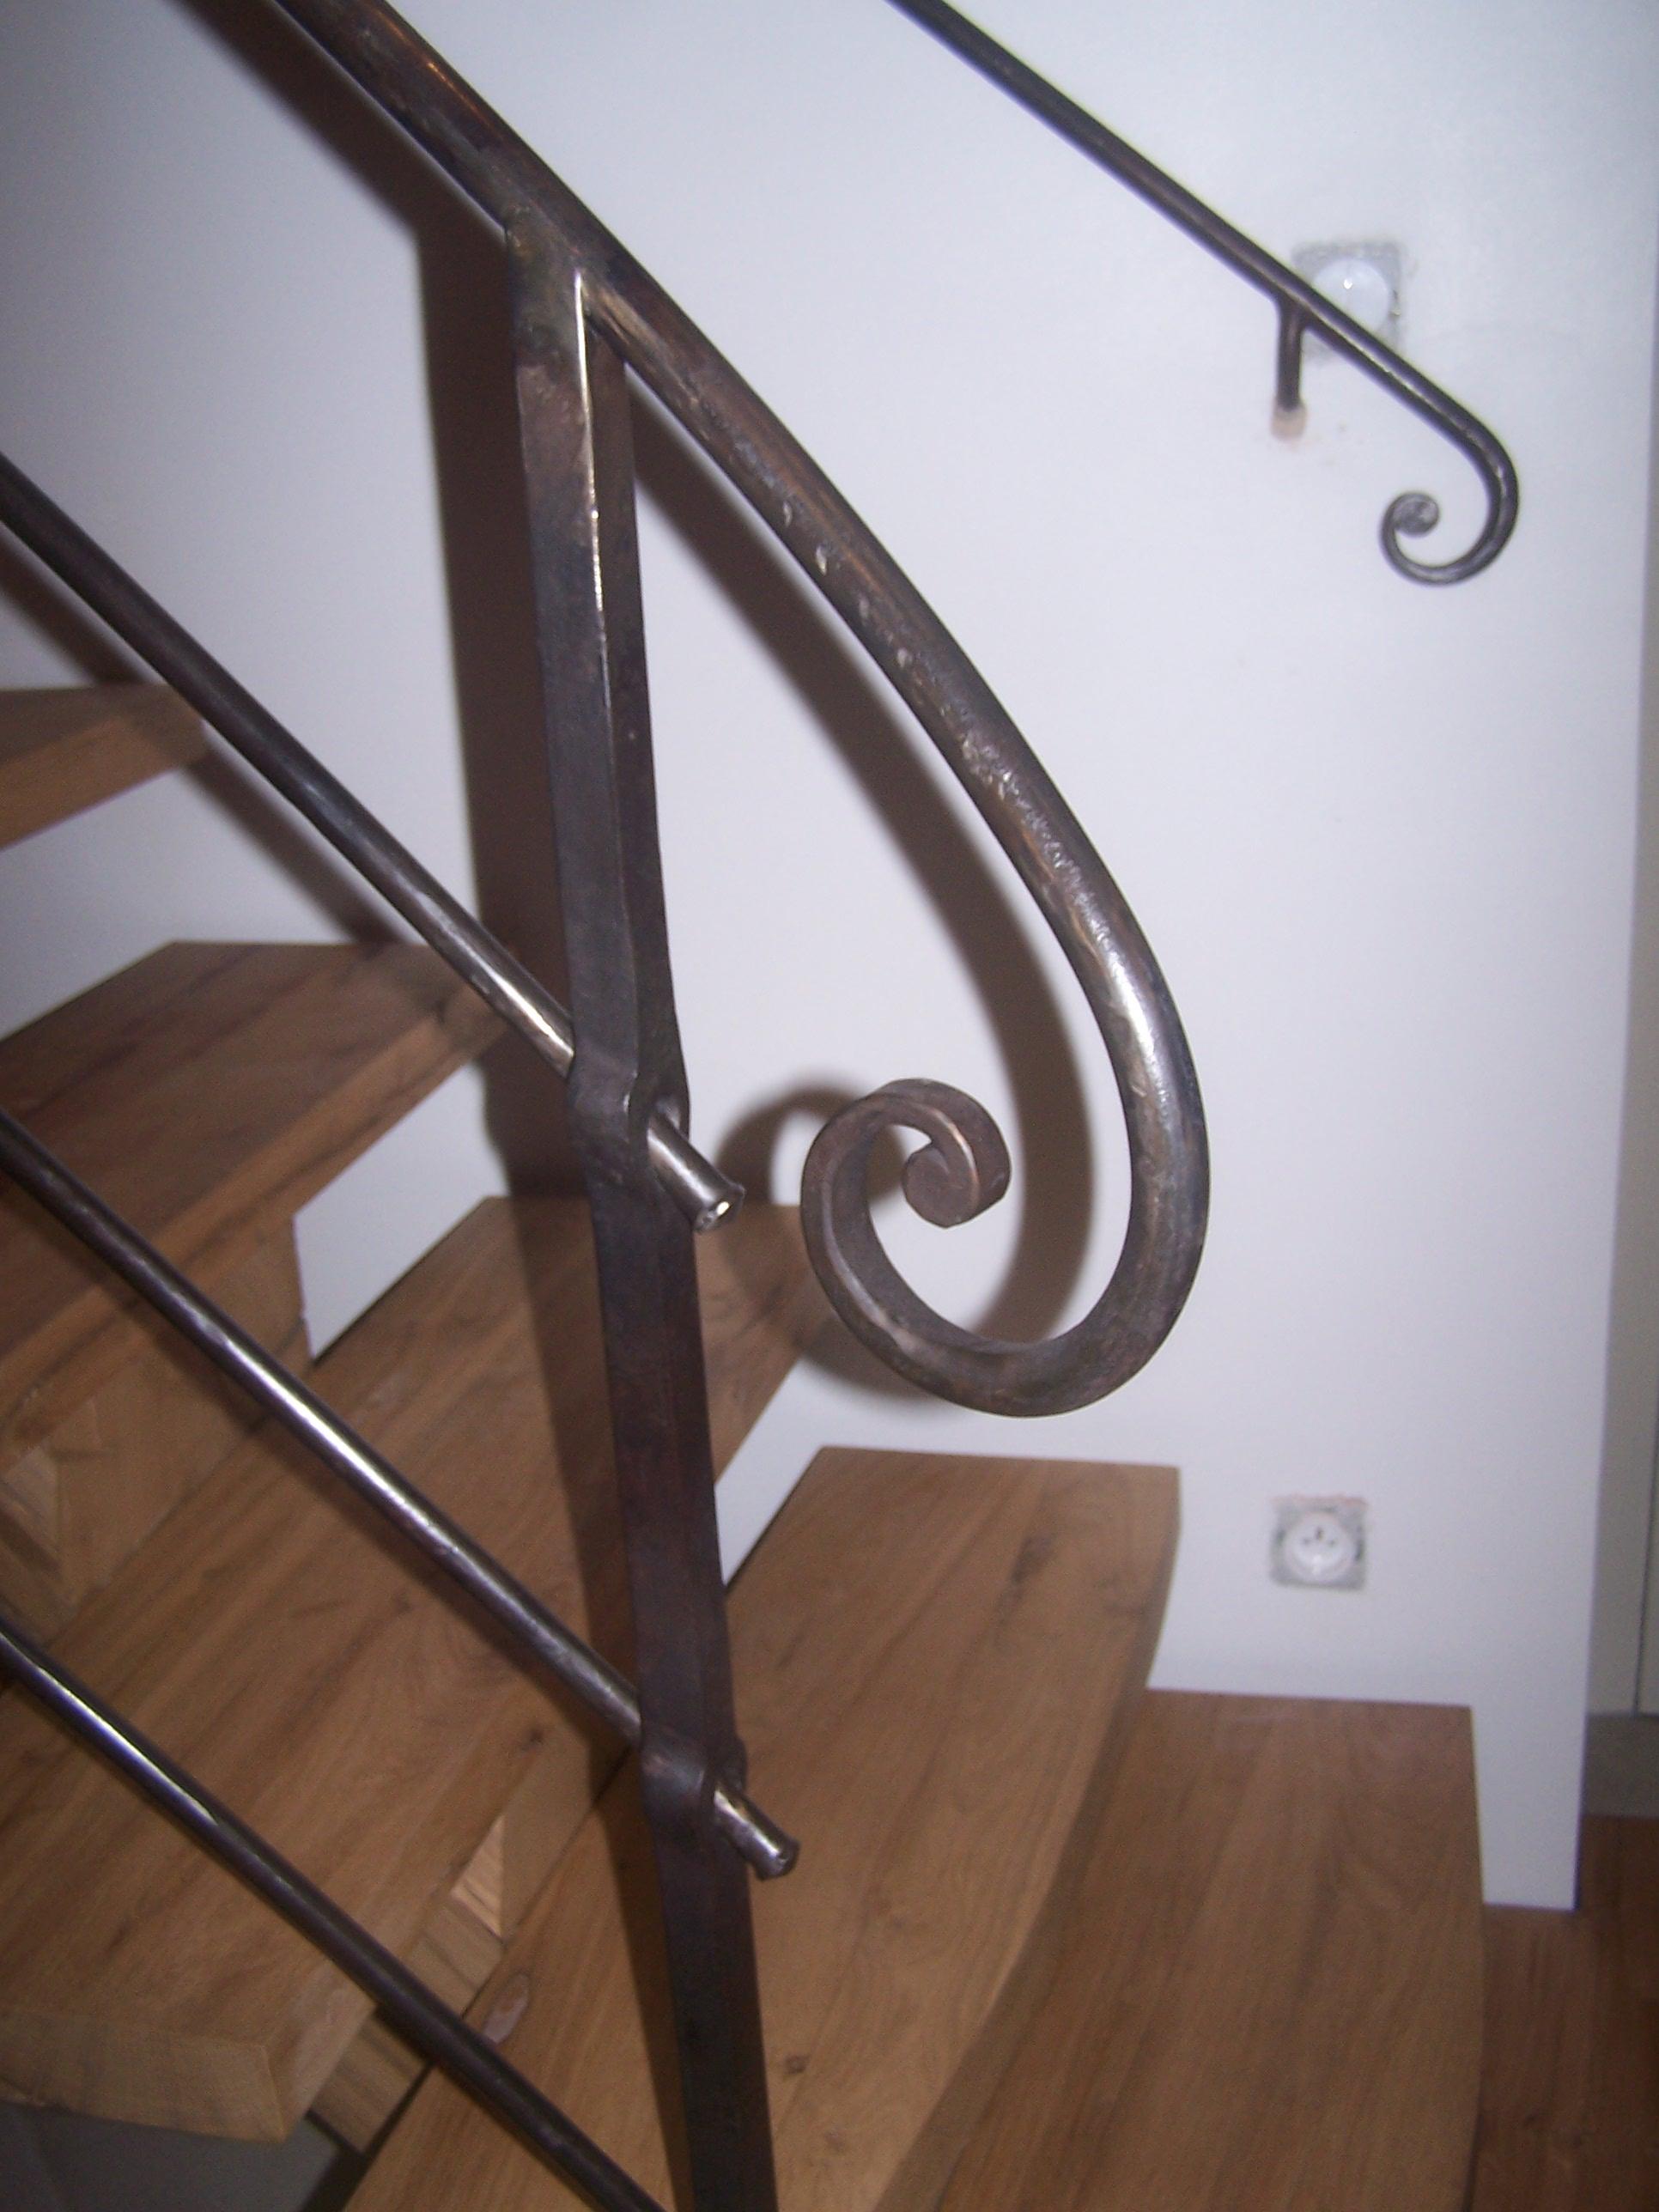 Autre détail sur départ de rampe à trous renflés